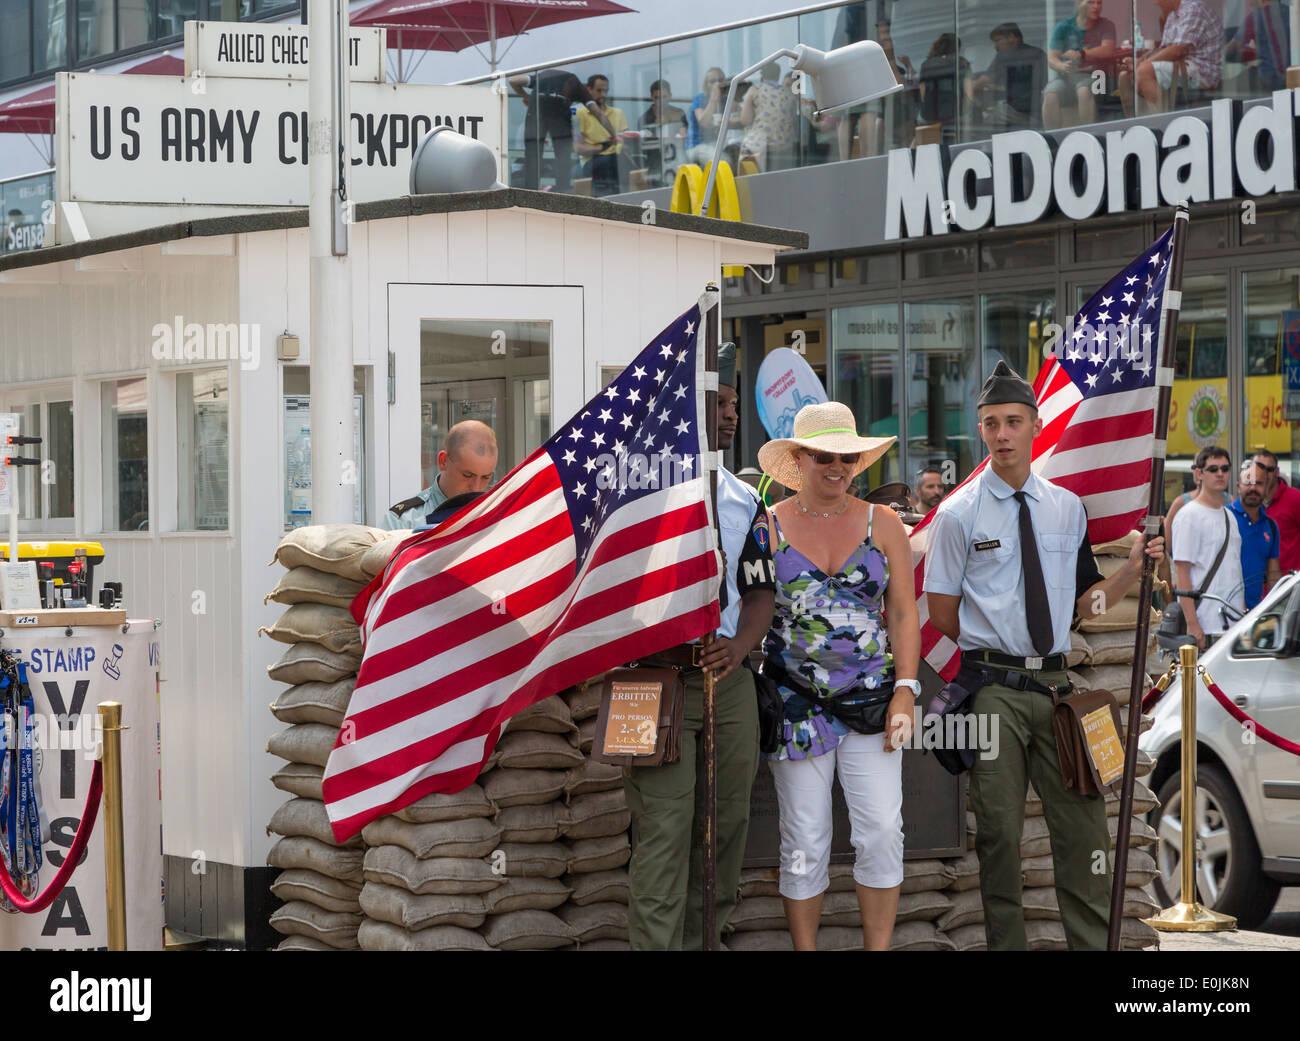 Los turistas posando en el Checkpoint Charlie, en Berlín, Alemania, fue la guerra fría, punto de cruce entre Berlín Oriental y Occidental. Imagen De Stock